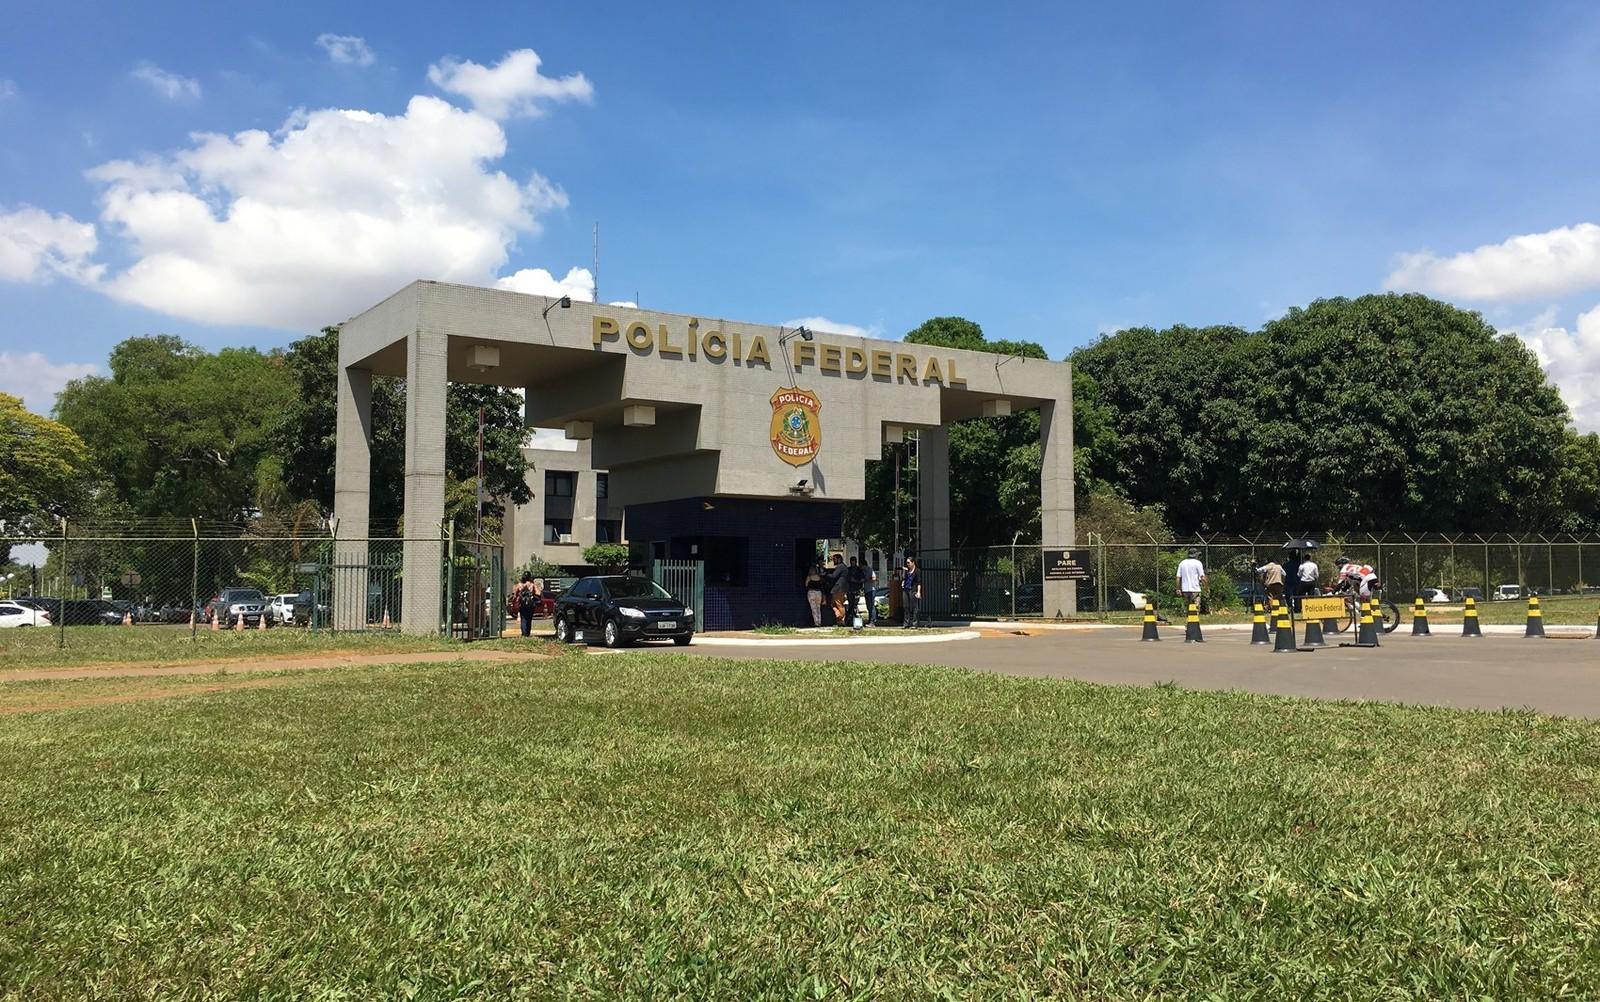 Líder de facção criminosa, foragido há 20 anos, é preso em Moçambique com ajuda da Polícia Federal